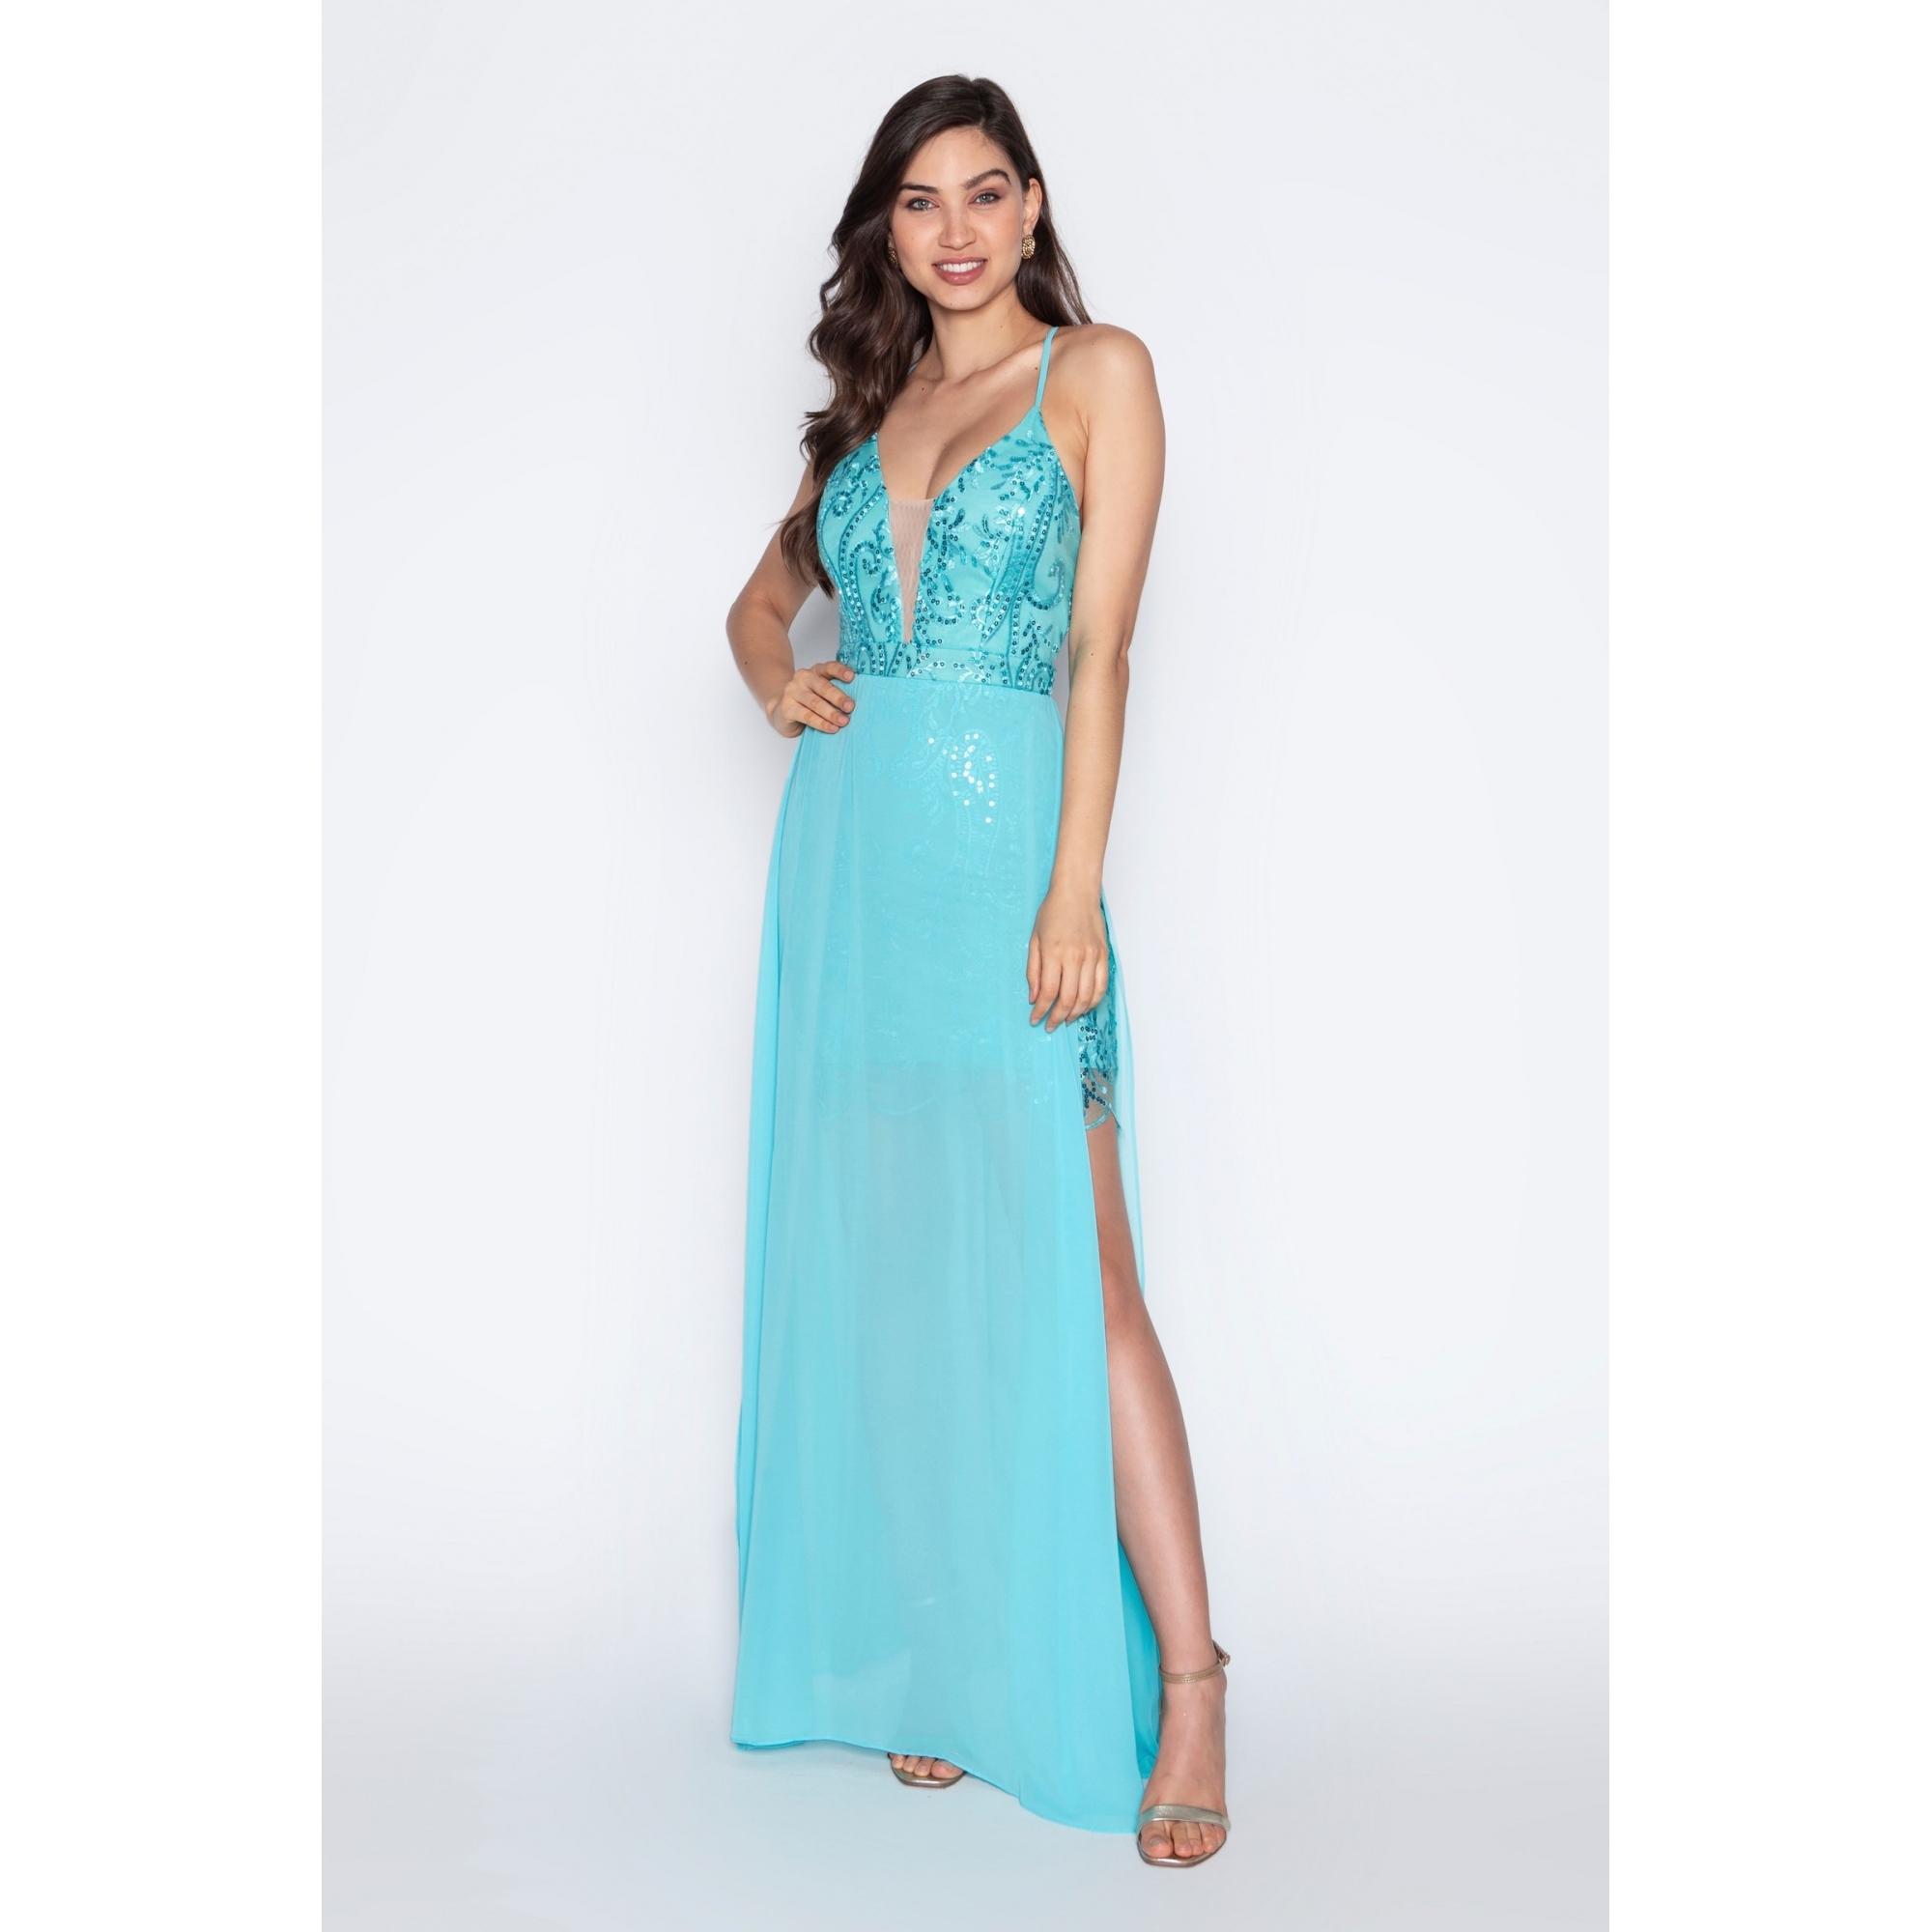 Vestido de festa para madrinha azul tiffany ref.P592